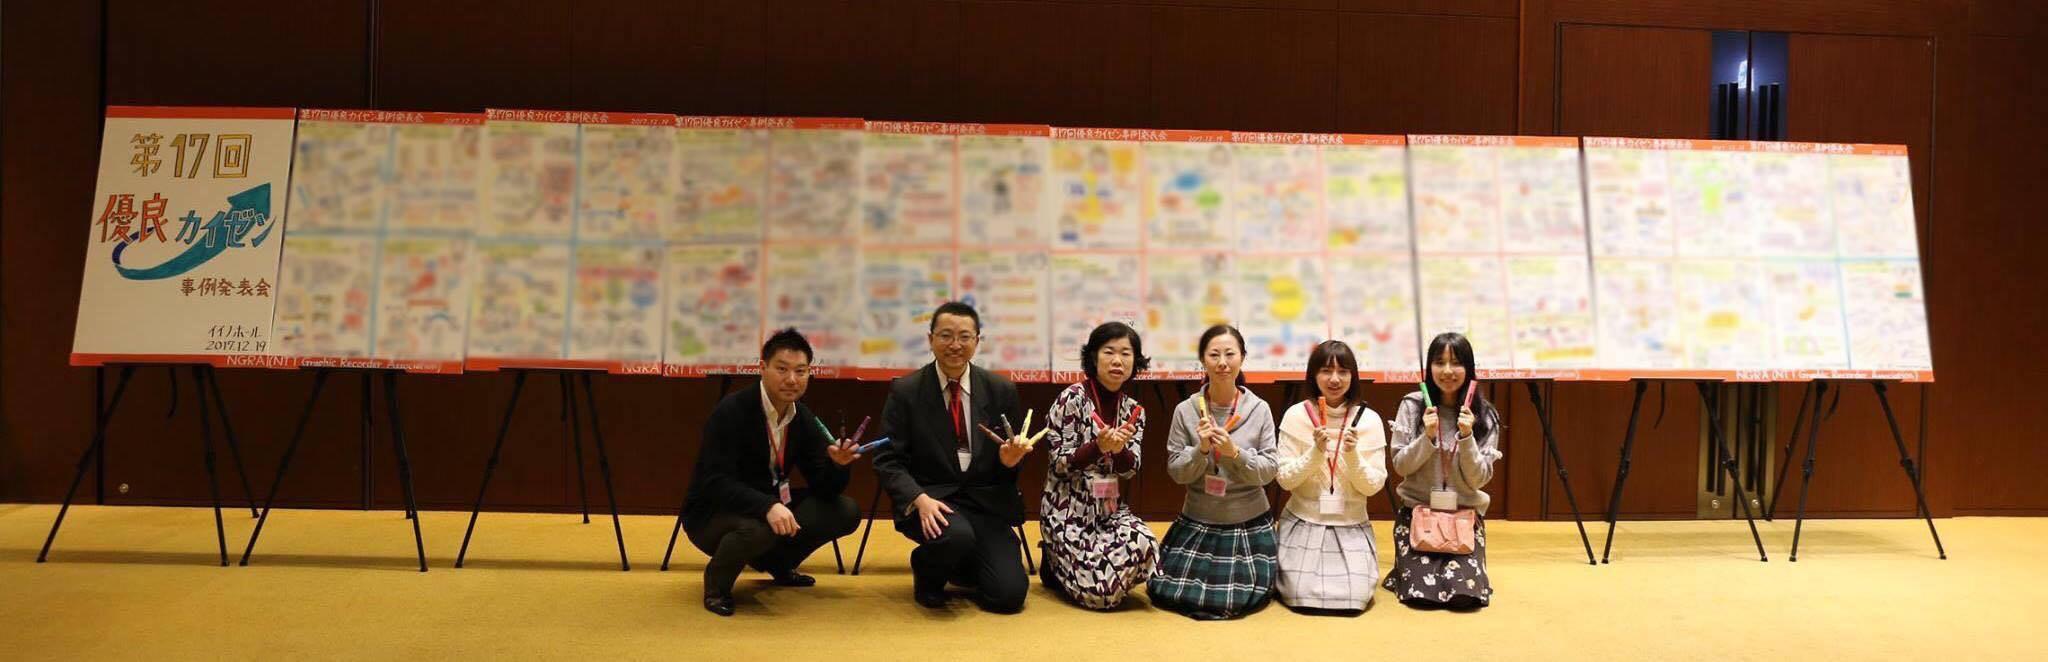 第17回優良カイゼン事例発表会全グラレコ前でのメンバーによる記念写真